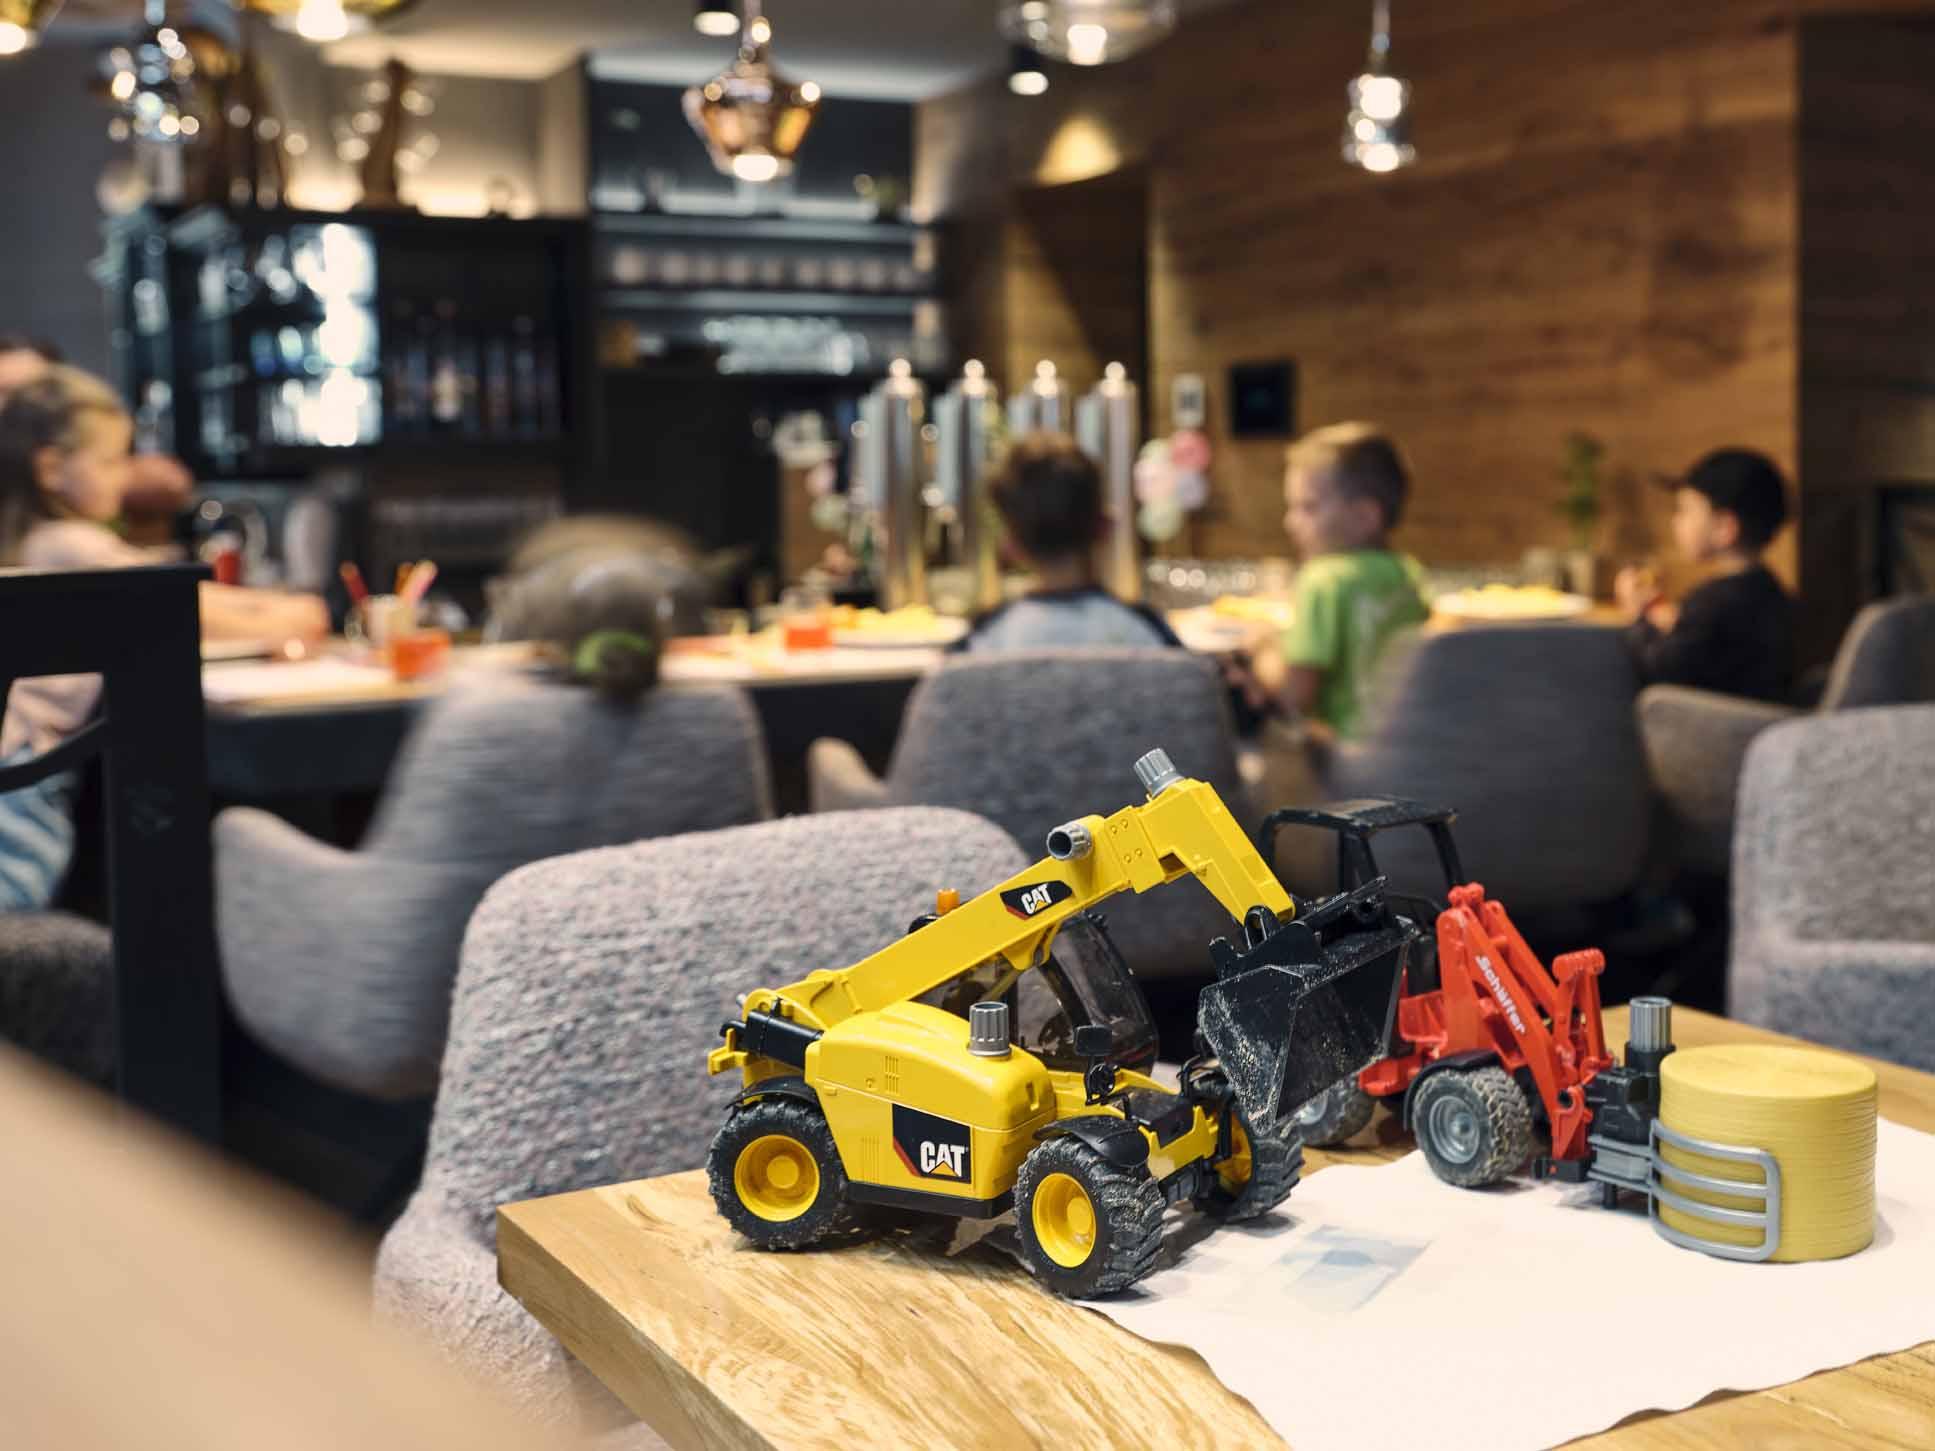 Kinderspielzeug steht bei der Bar mit den Kindern im Hintergrund